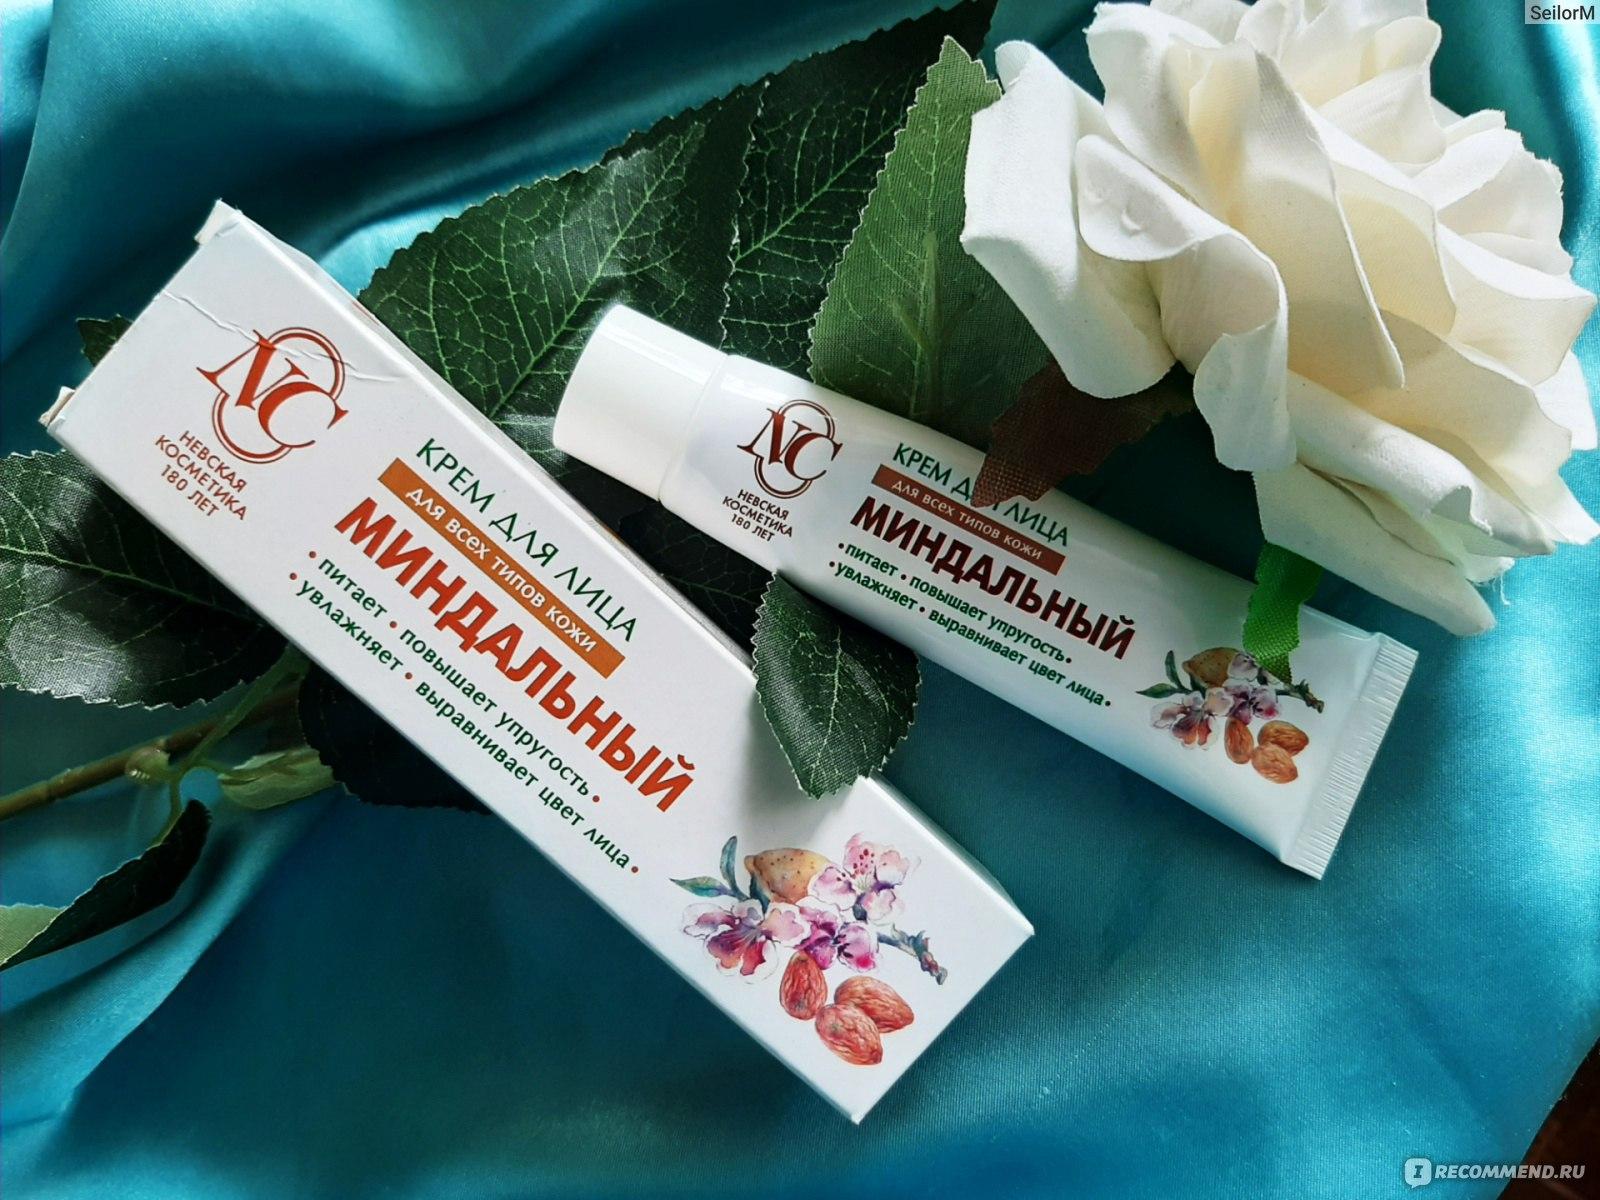 Невская косметика где купить в магнитогорске купить косметику артеро в нижнем новгороде